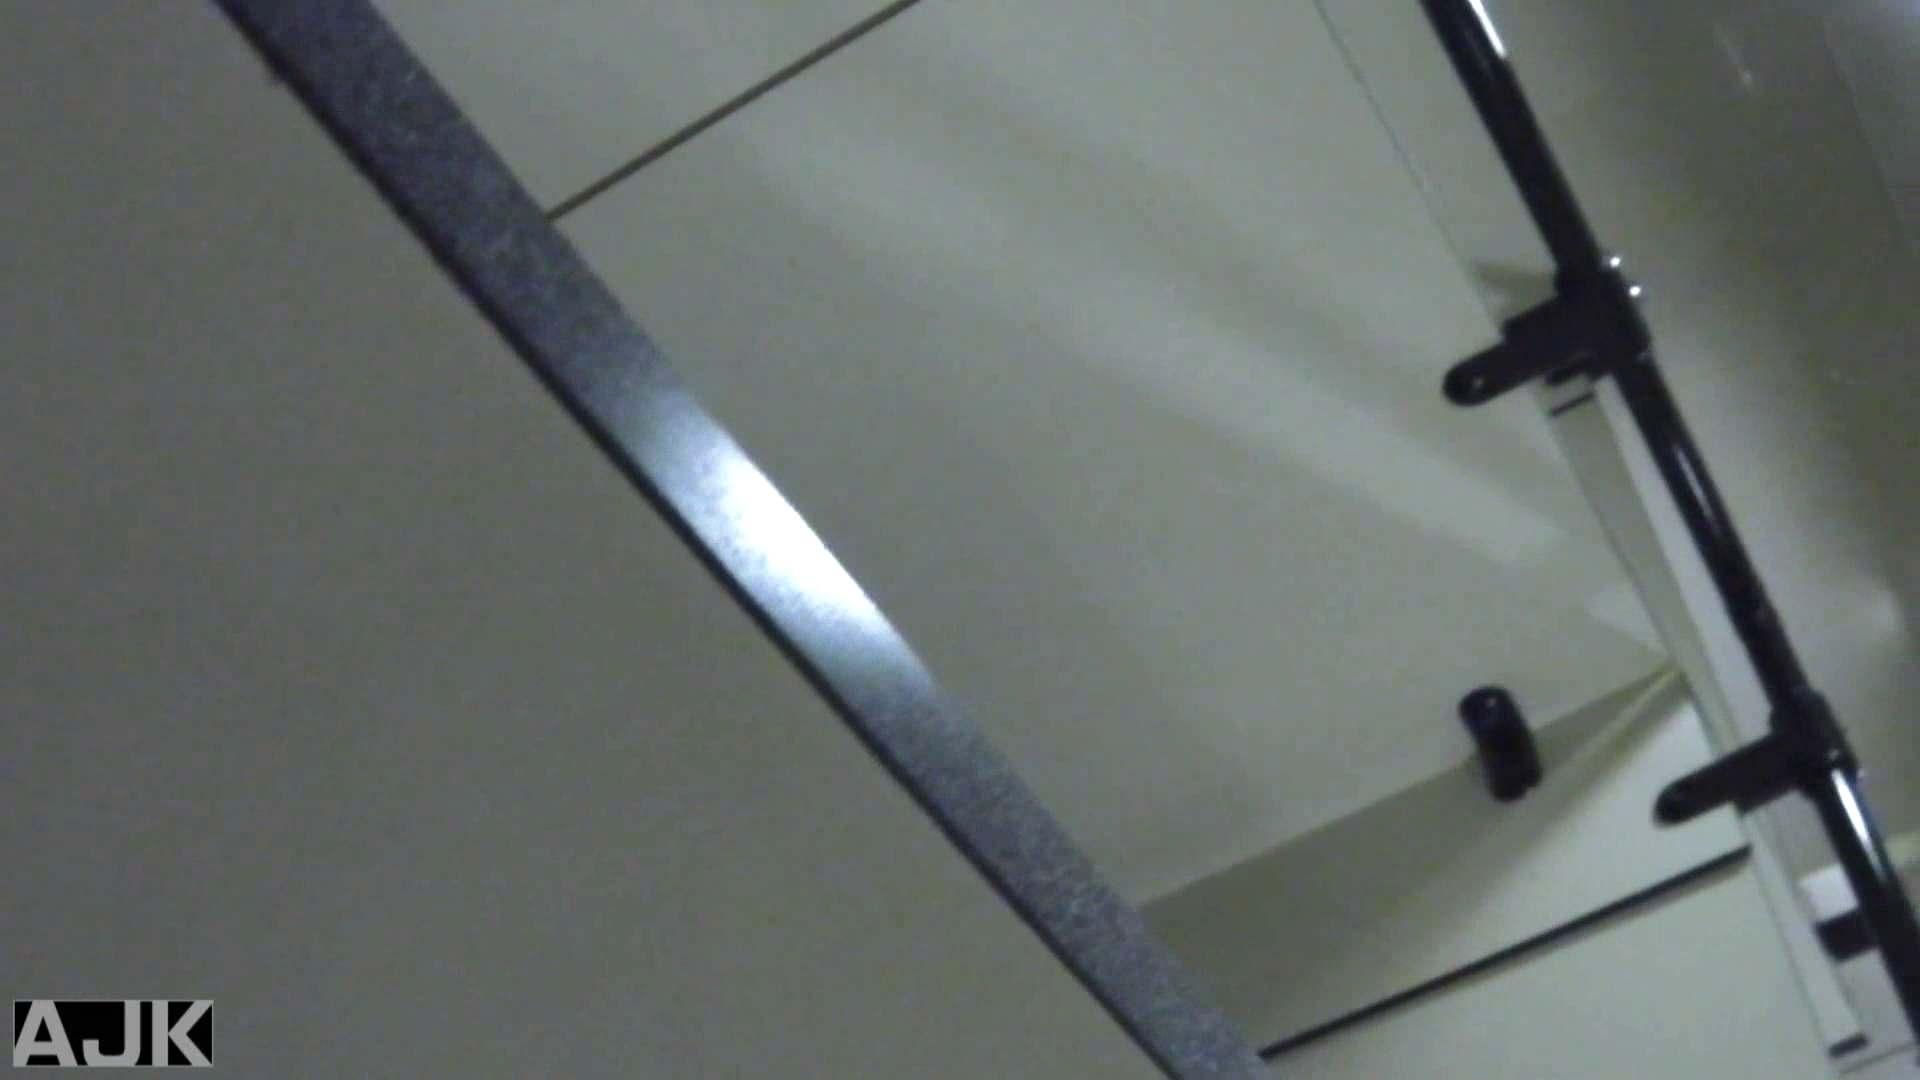 隣国上階級エリアの令嬢たちが集うデパートお手洗い Vol.30 便所の中まで   お嬢様のエロ動画  100枚 34